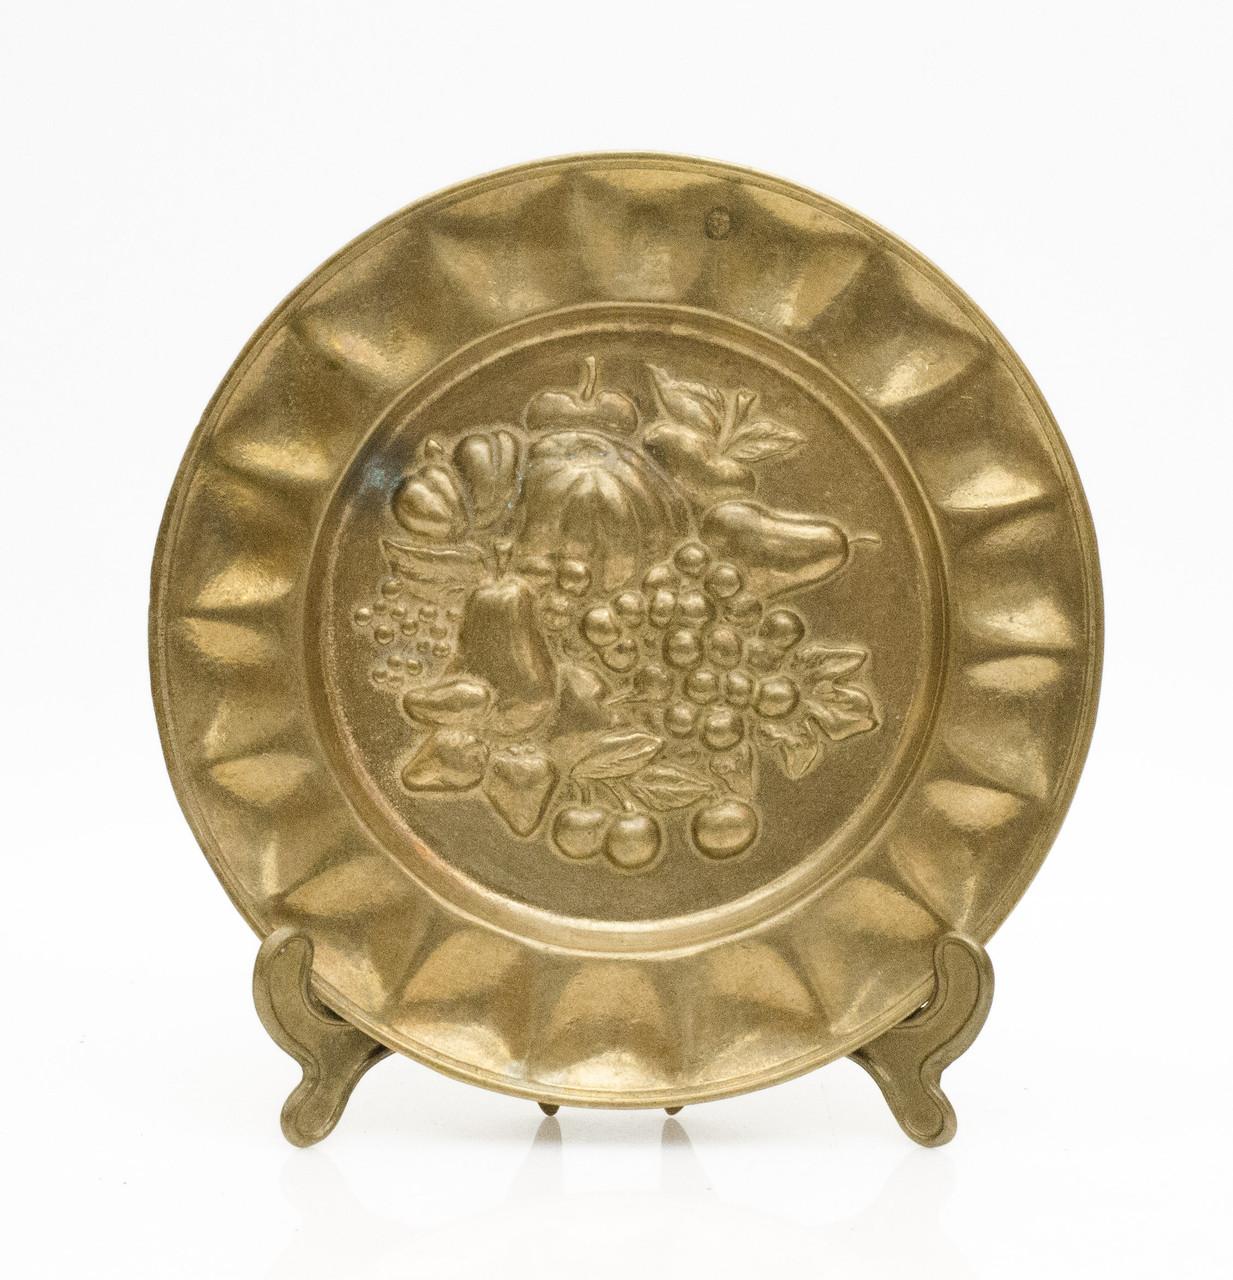 Старая настенная тарелка, бронза, Германия, 14,5 см